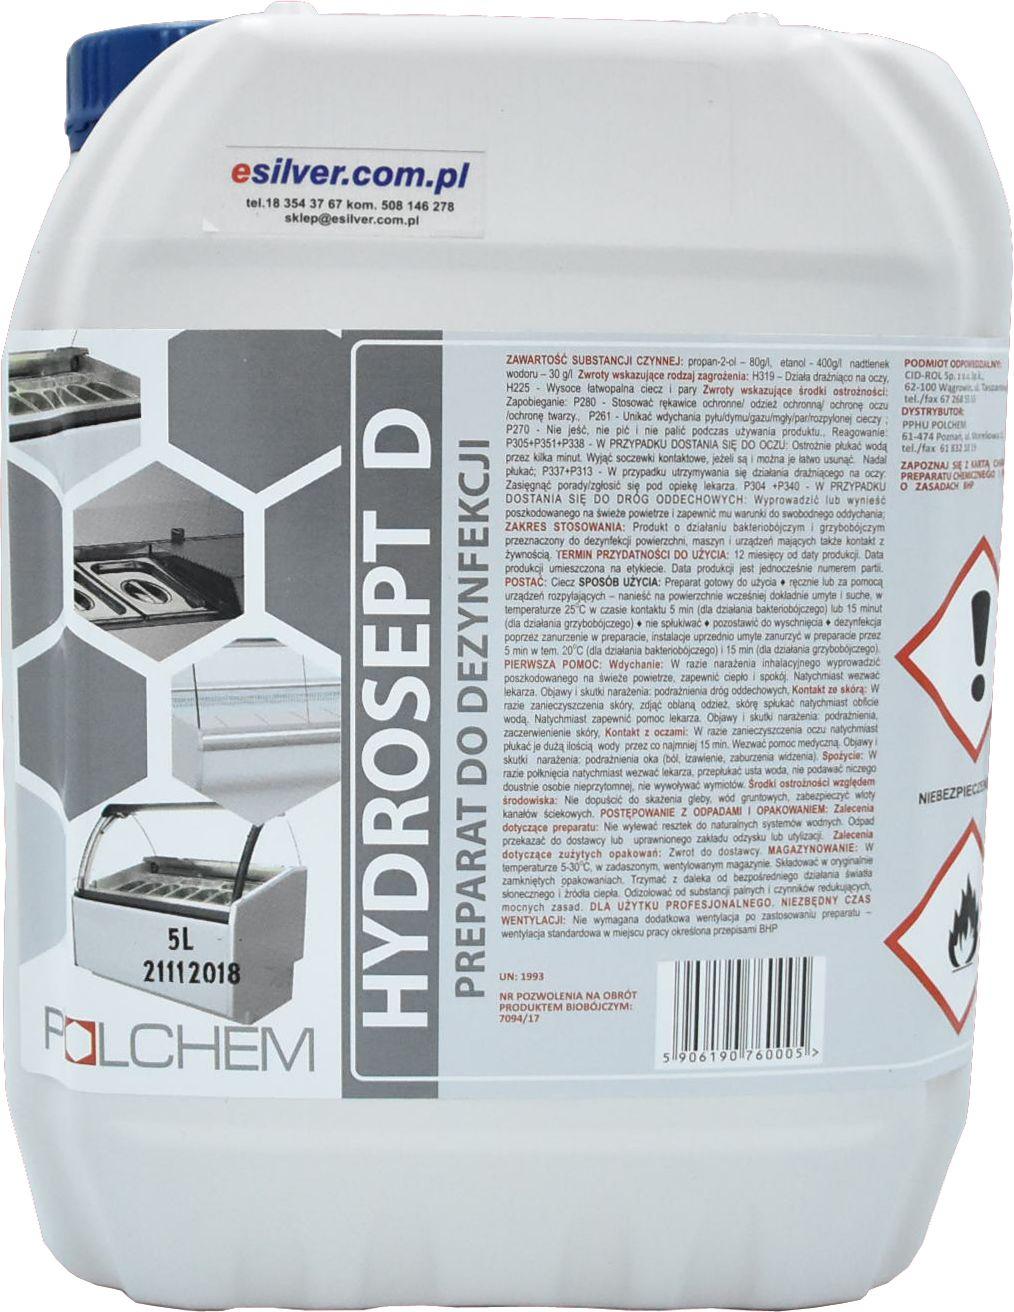 Preparat do dezynfekcji powierzchni bez spłukiwania Hydrosept 5l Środek do dezynfekcji kuchni, gastronomii